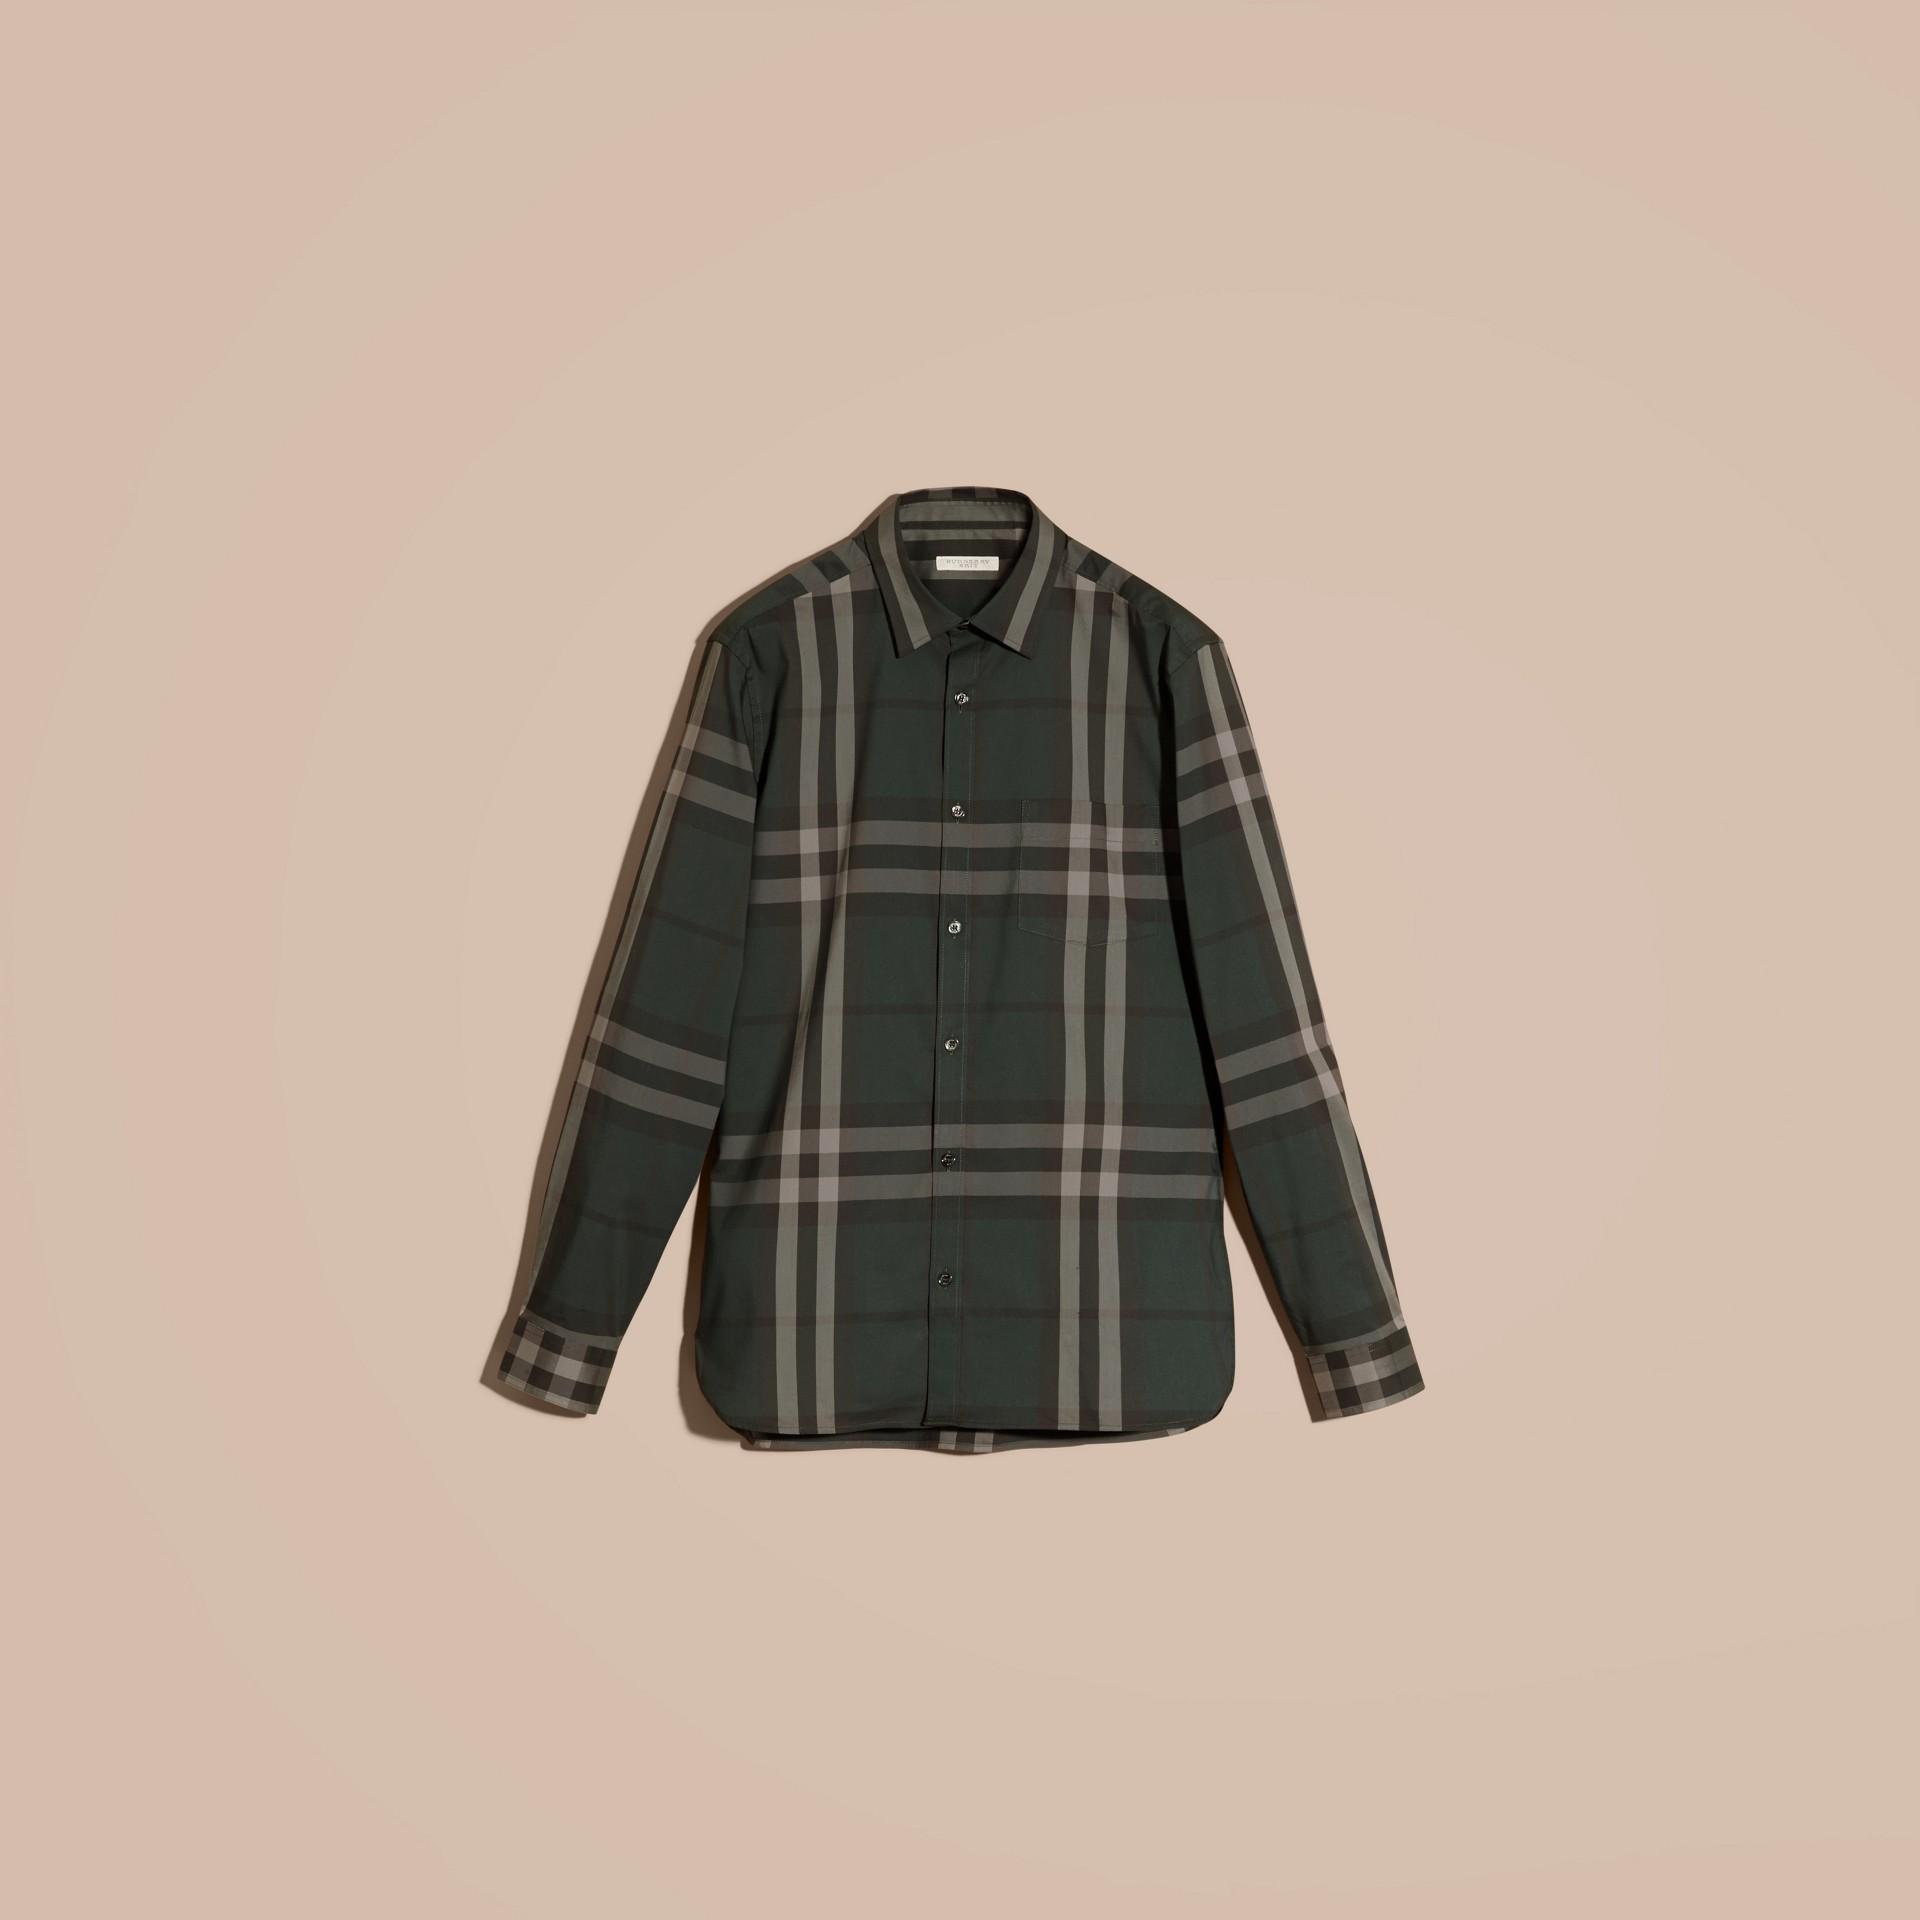 Verdone Camicia in cotone stretch con motivo check Verdone - immagine della galleria 4